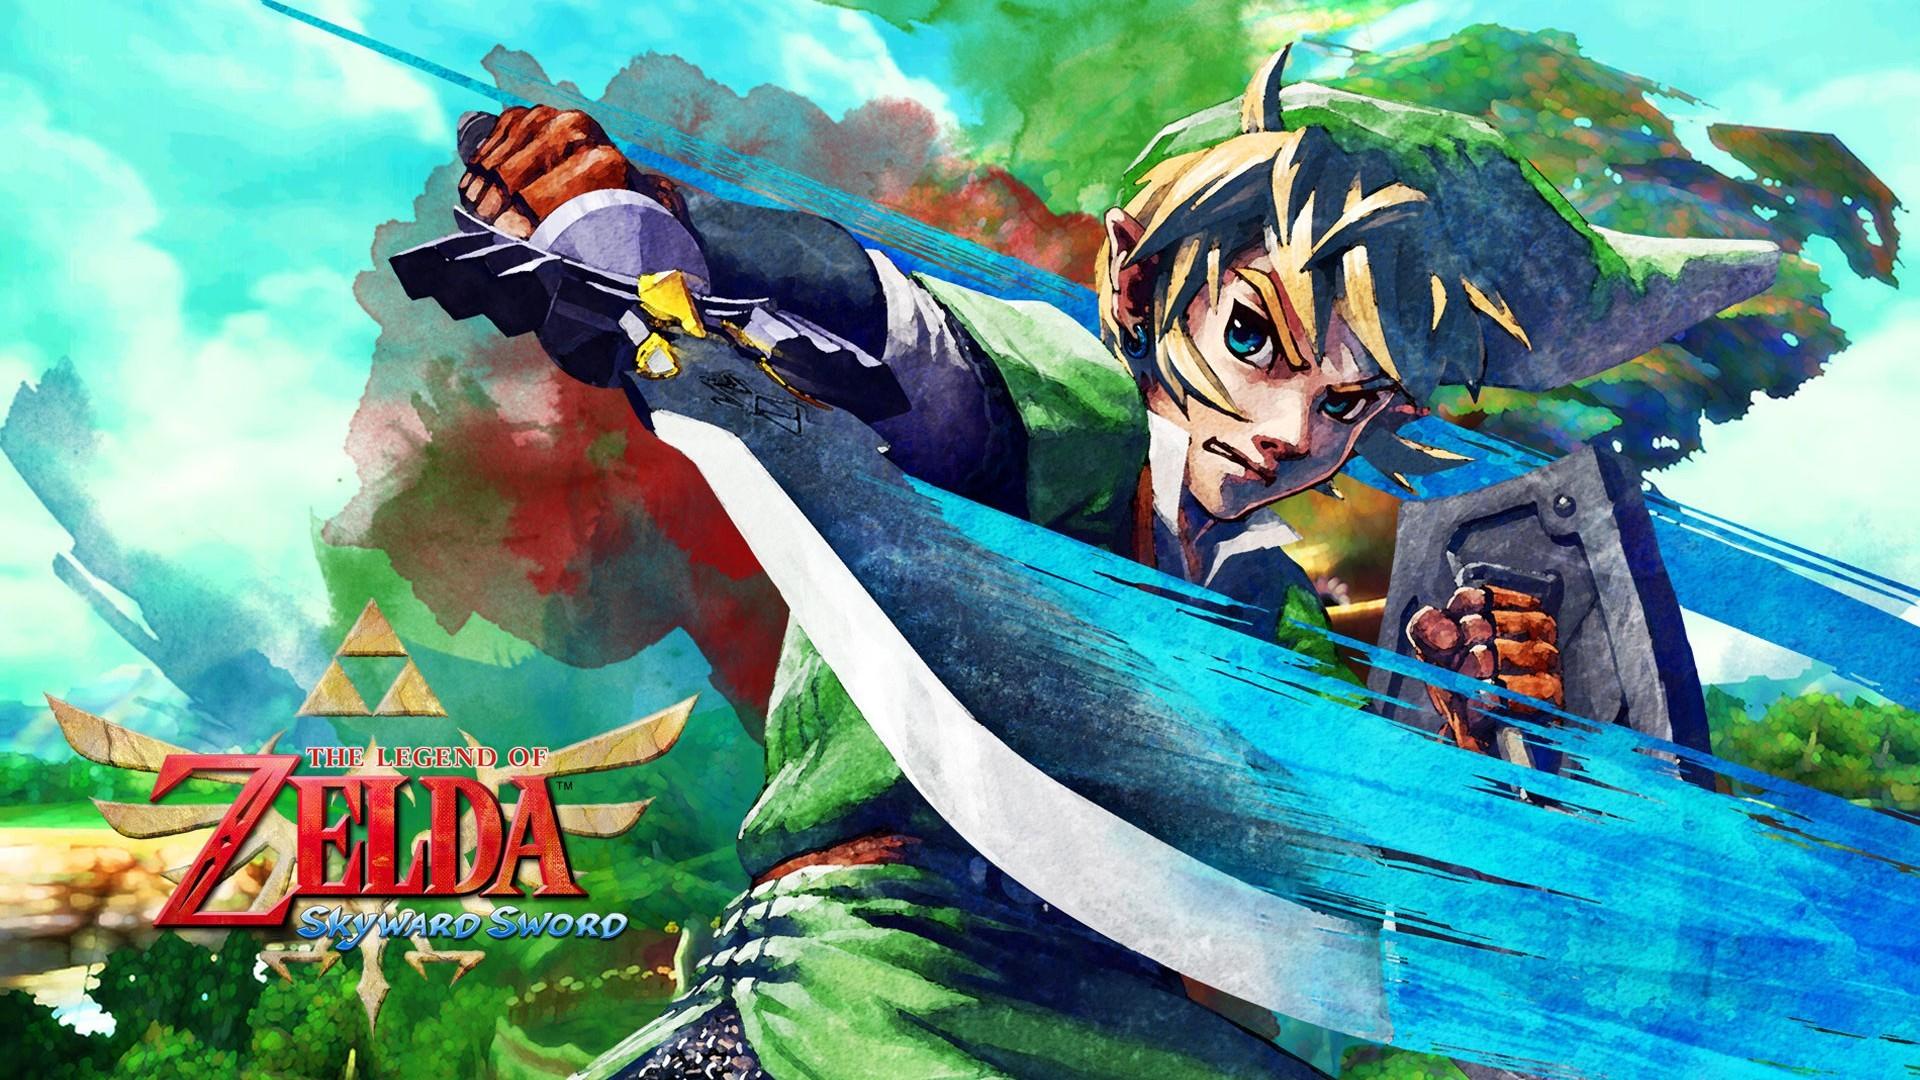 Zelda Skyward Sword Wallpaper 81 Pictures